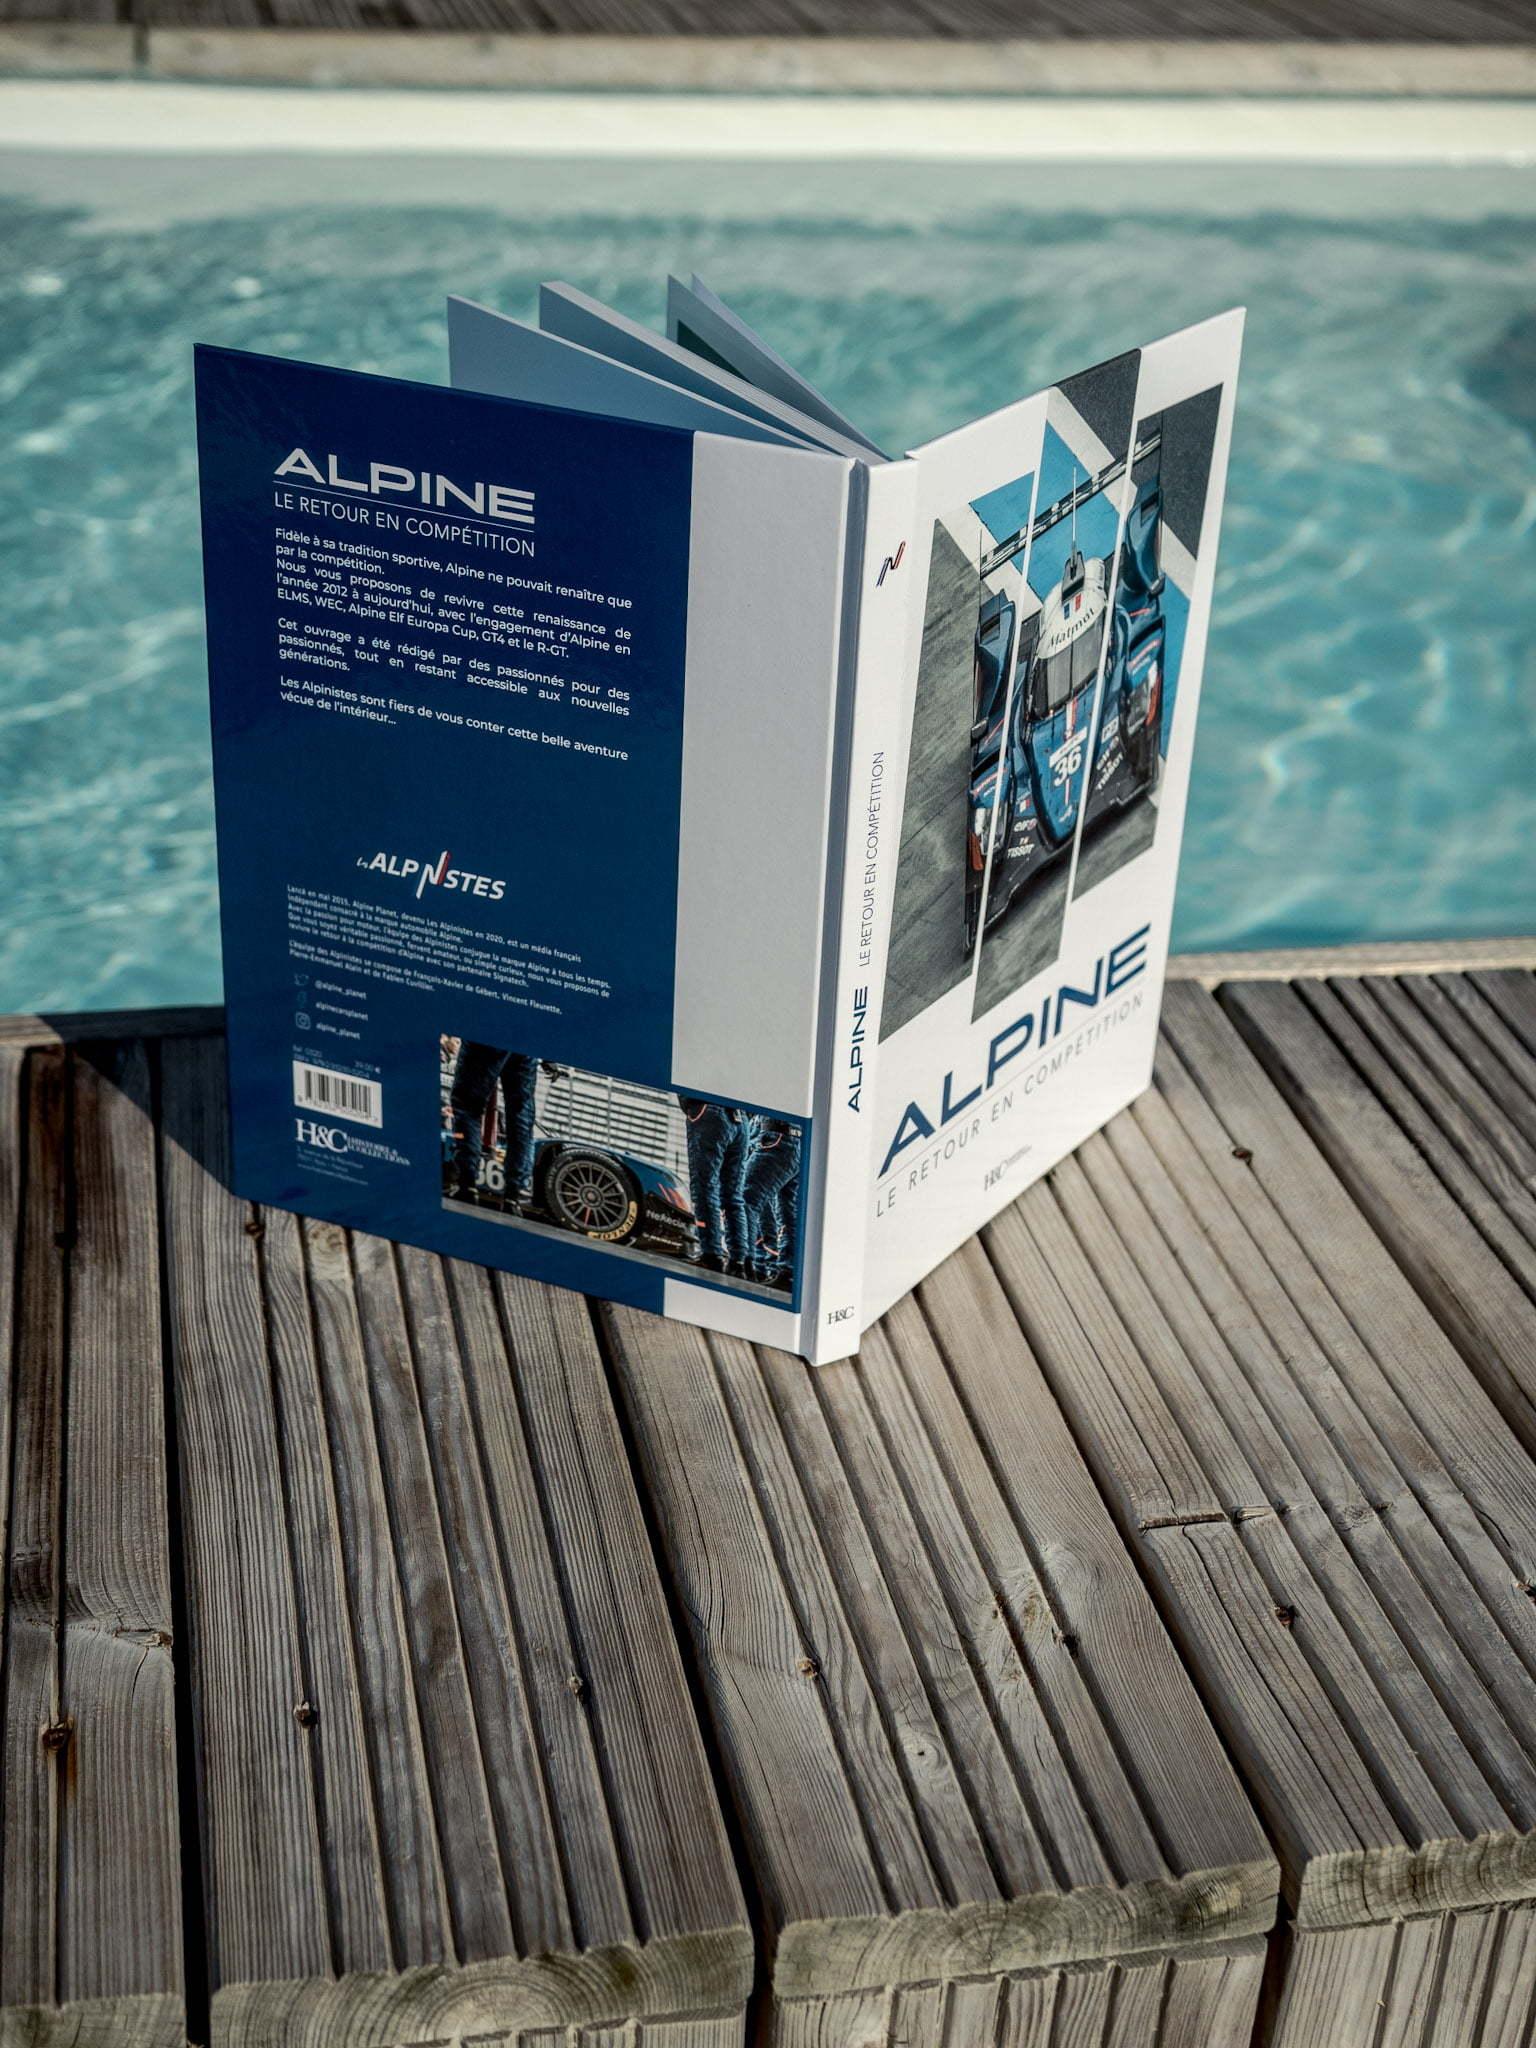 Les Alpinistes Livre Alpine A110 retour en competition Histoire et Collections 7 | Livre | Alpine, le retour en compétition